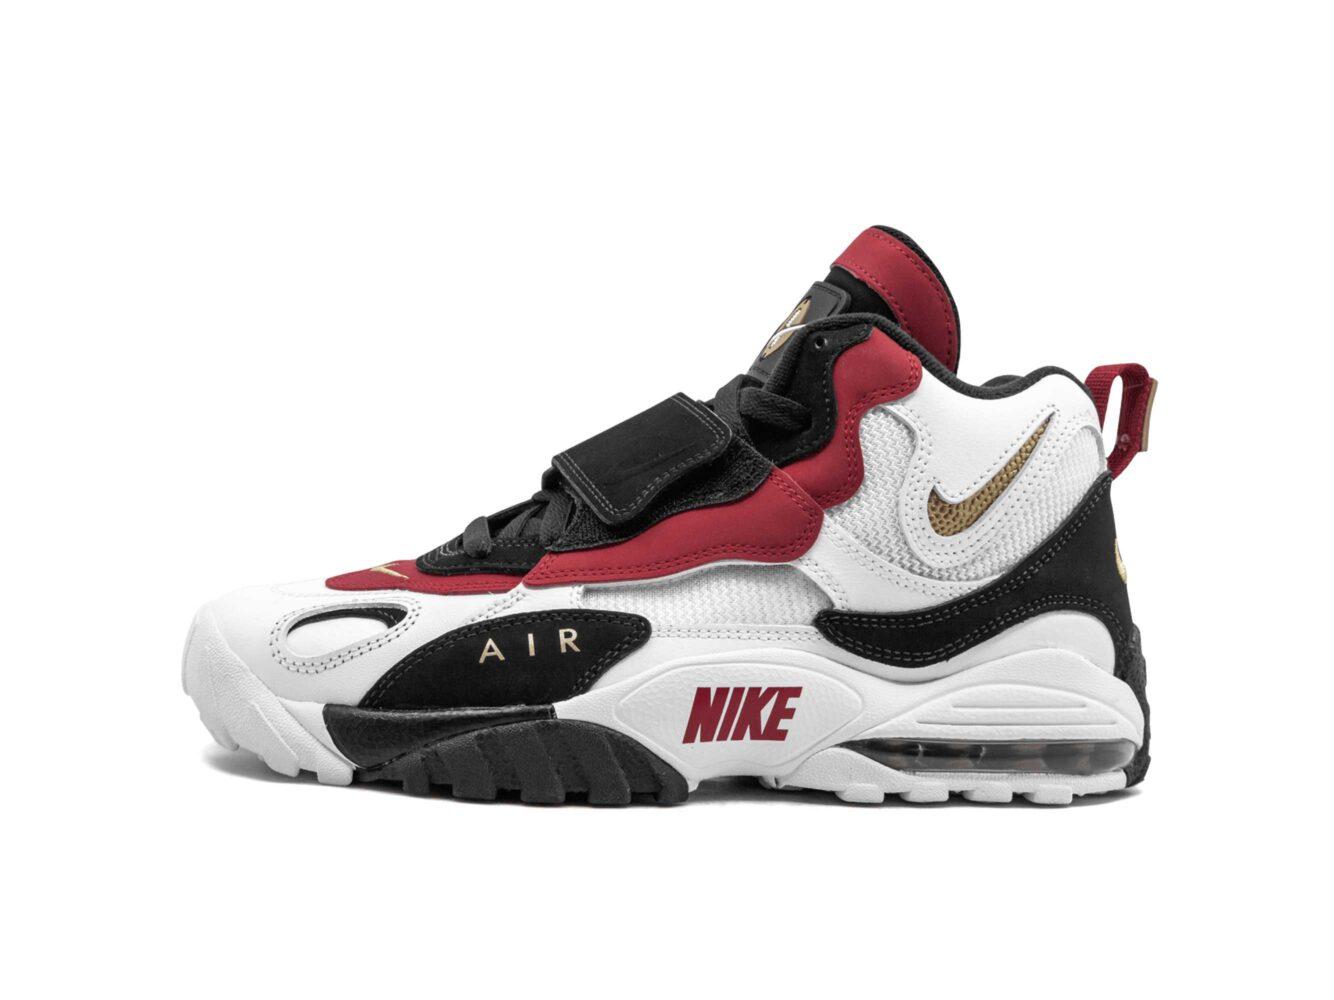 nike air max speed turf white red 525225_101 купить